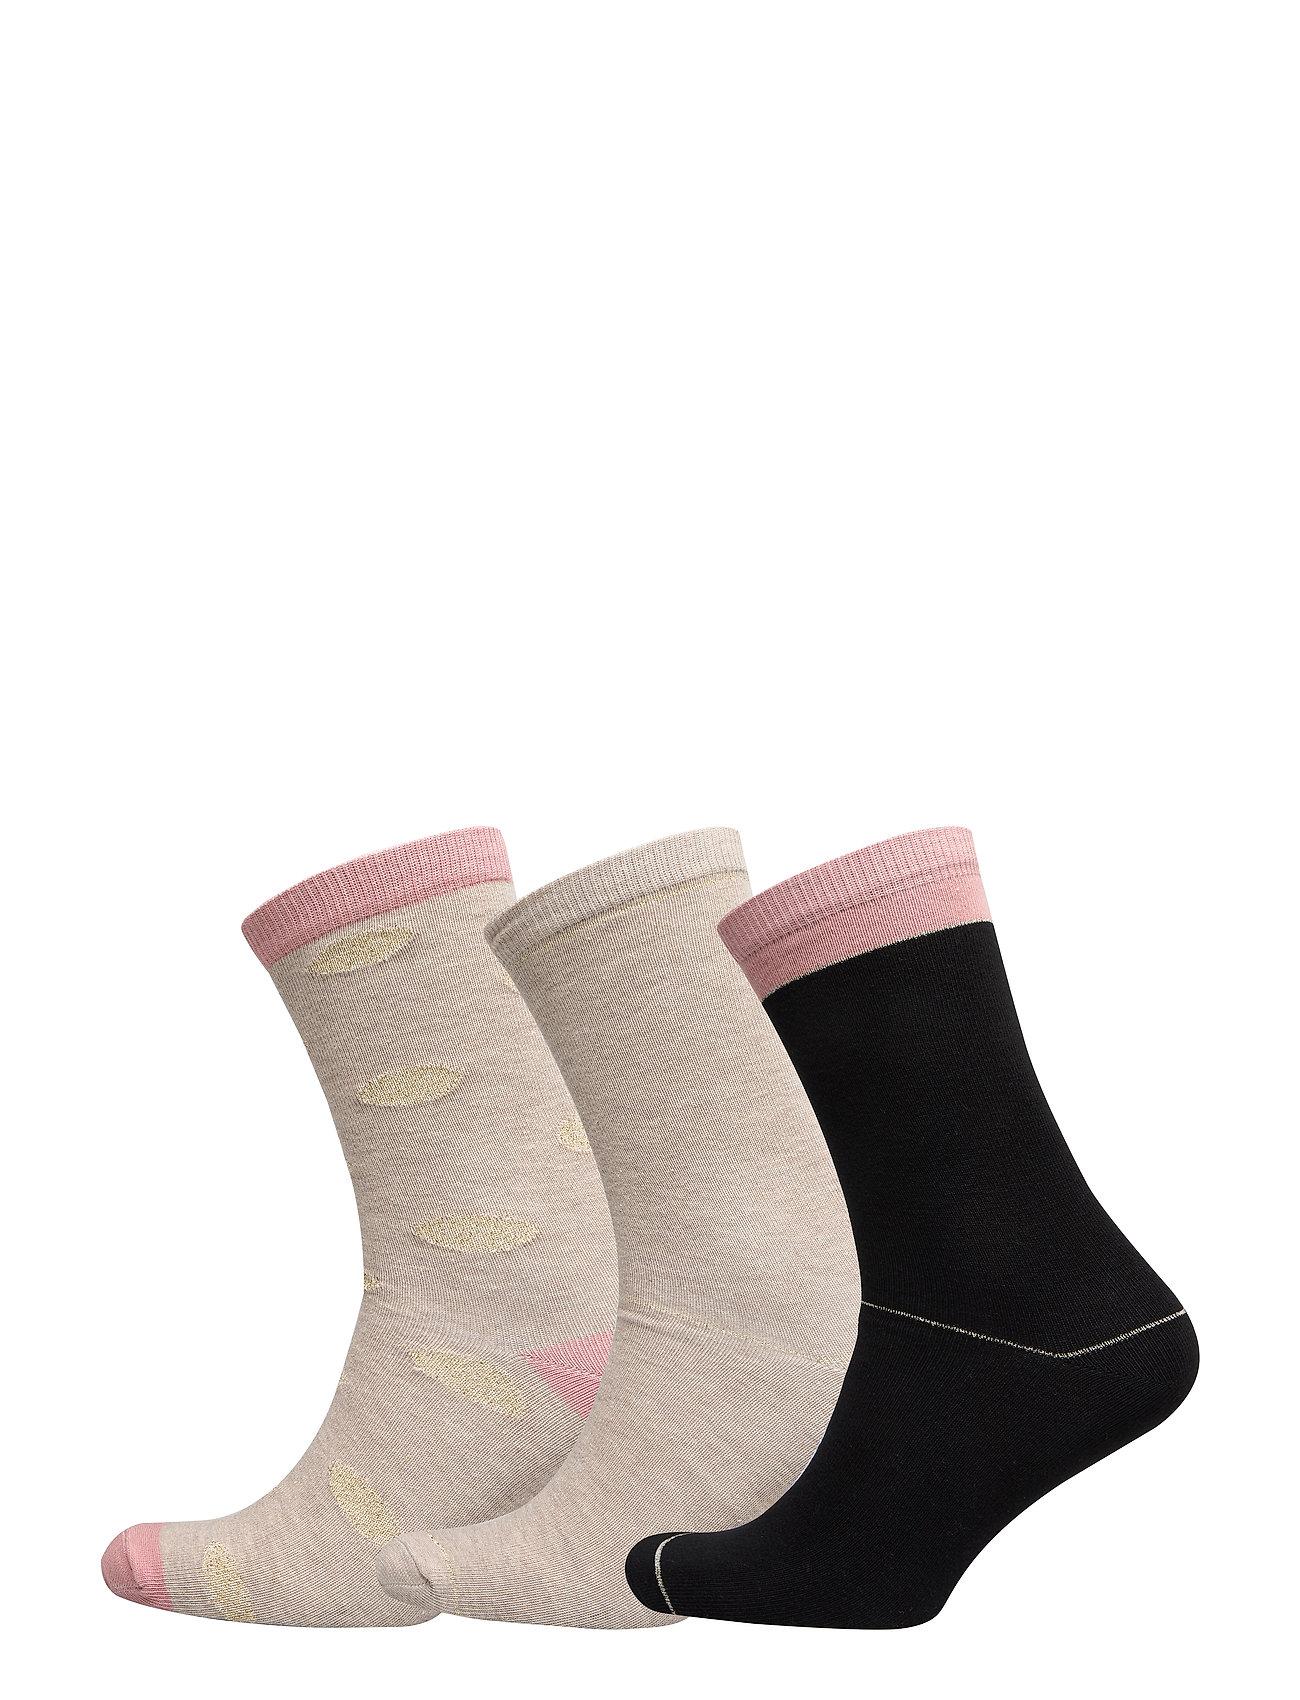 Decoy DECOY ankle sock cotton 3-pack - MULTICOLOU